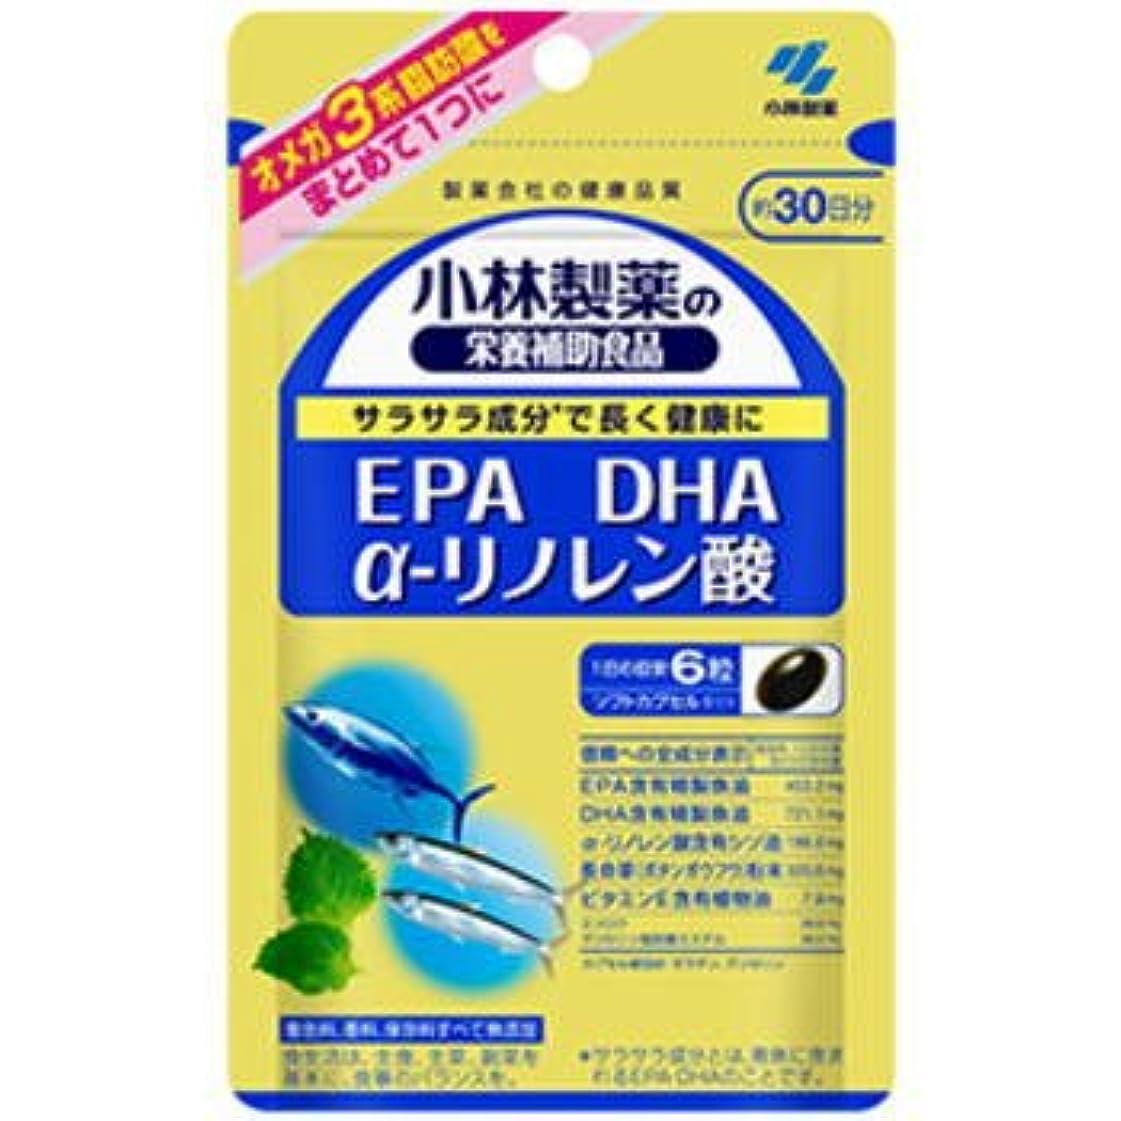 航海新しさ調整小林製薬 EPA DHA α-リノレン酸 180粒×6個セット【ネコポス発送】